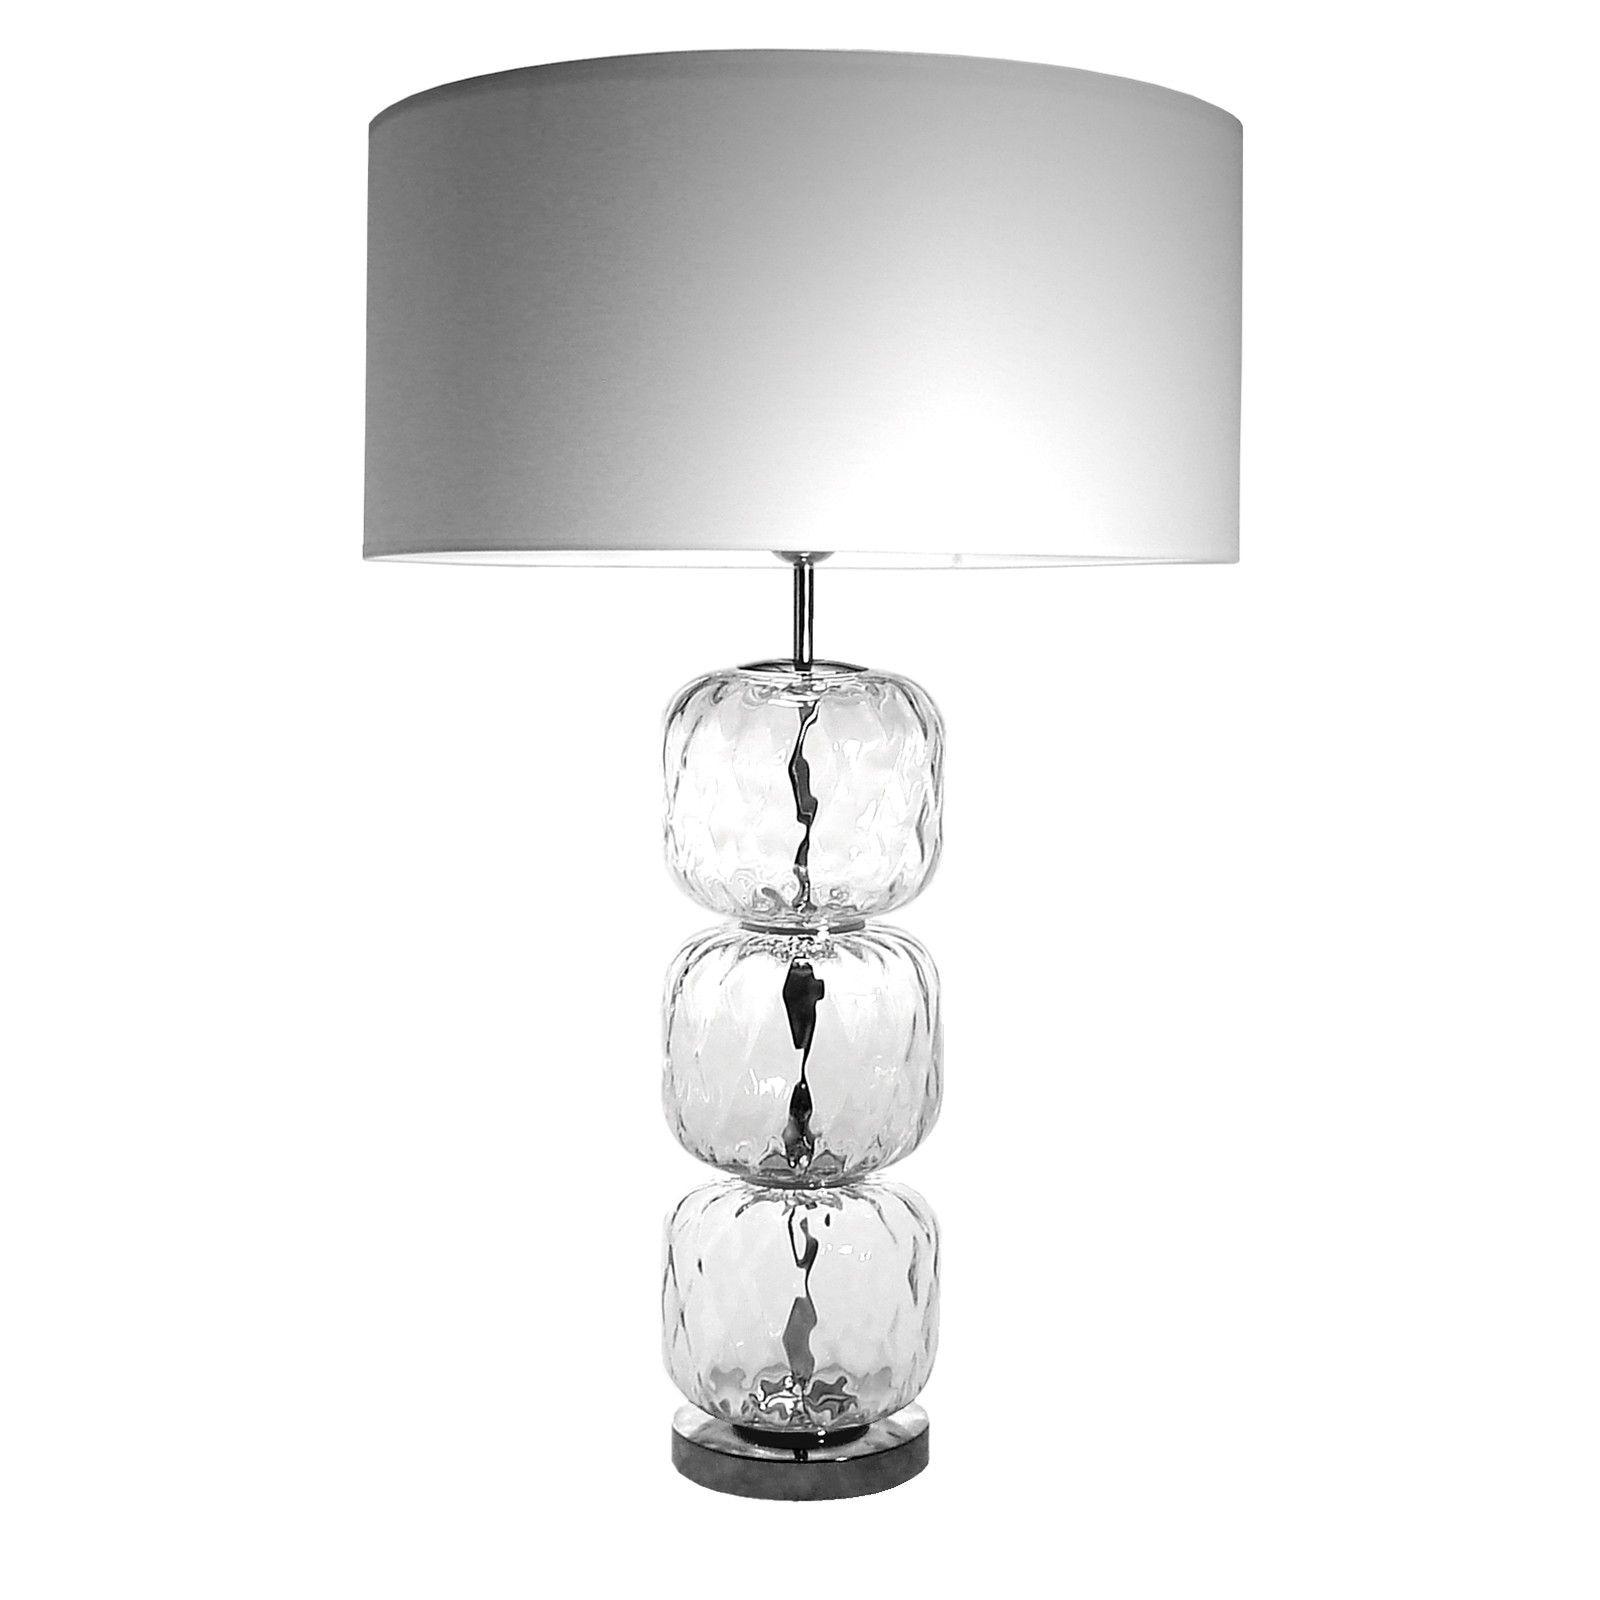 Lampe De Table Transparent 60 W Majestic L120419 Laurie Lumiere Luminaire Luminaire Sur Pied Table Transparente